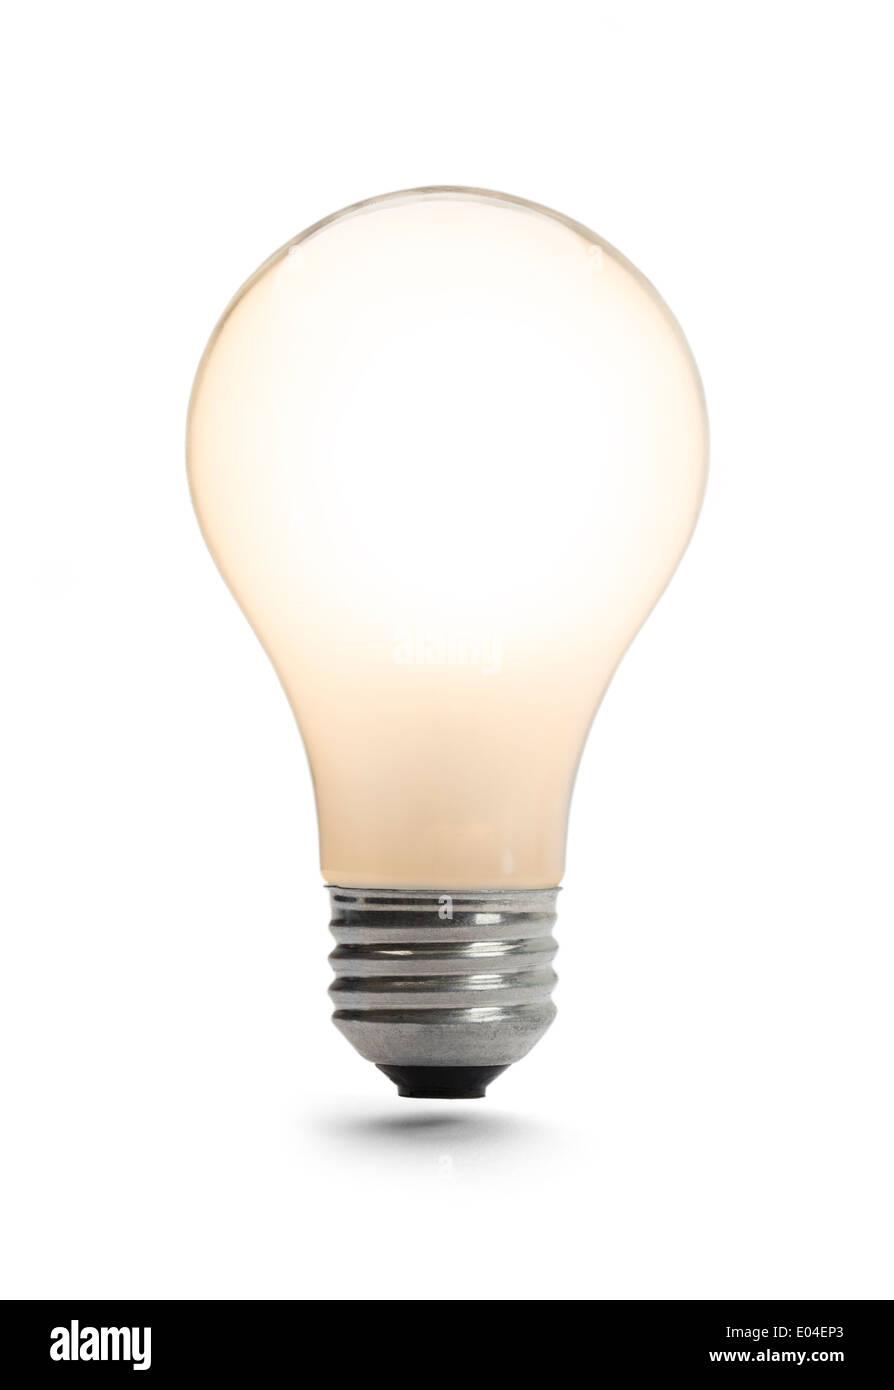 Klassische Glühbirne leuchtet isoliert auf einem weißen Hintergrund. Stockbild